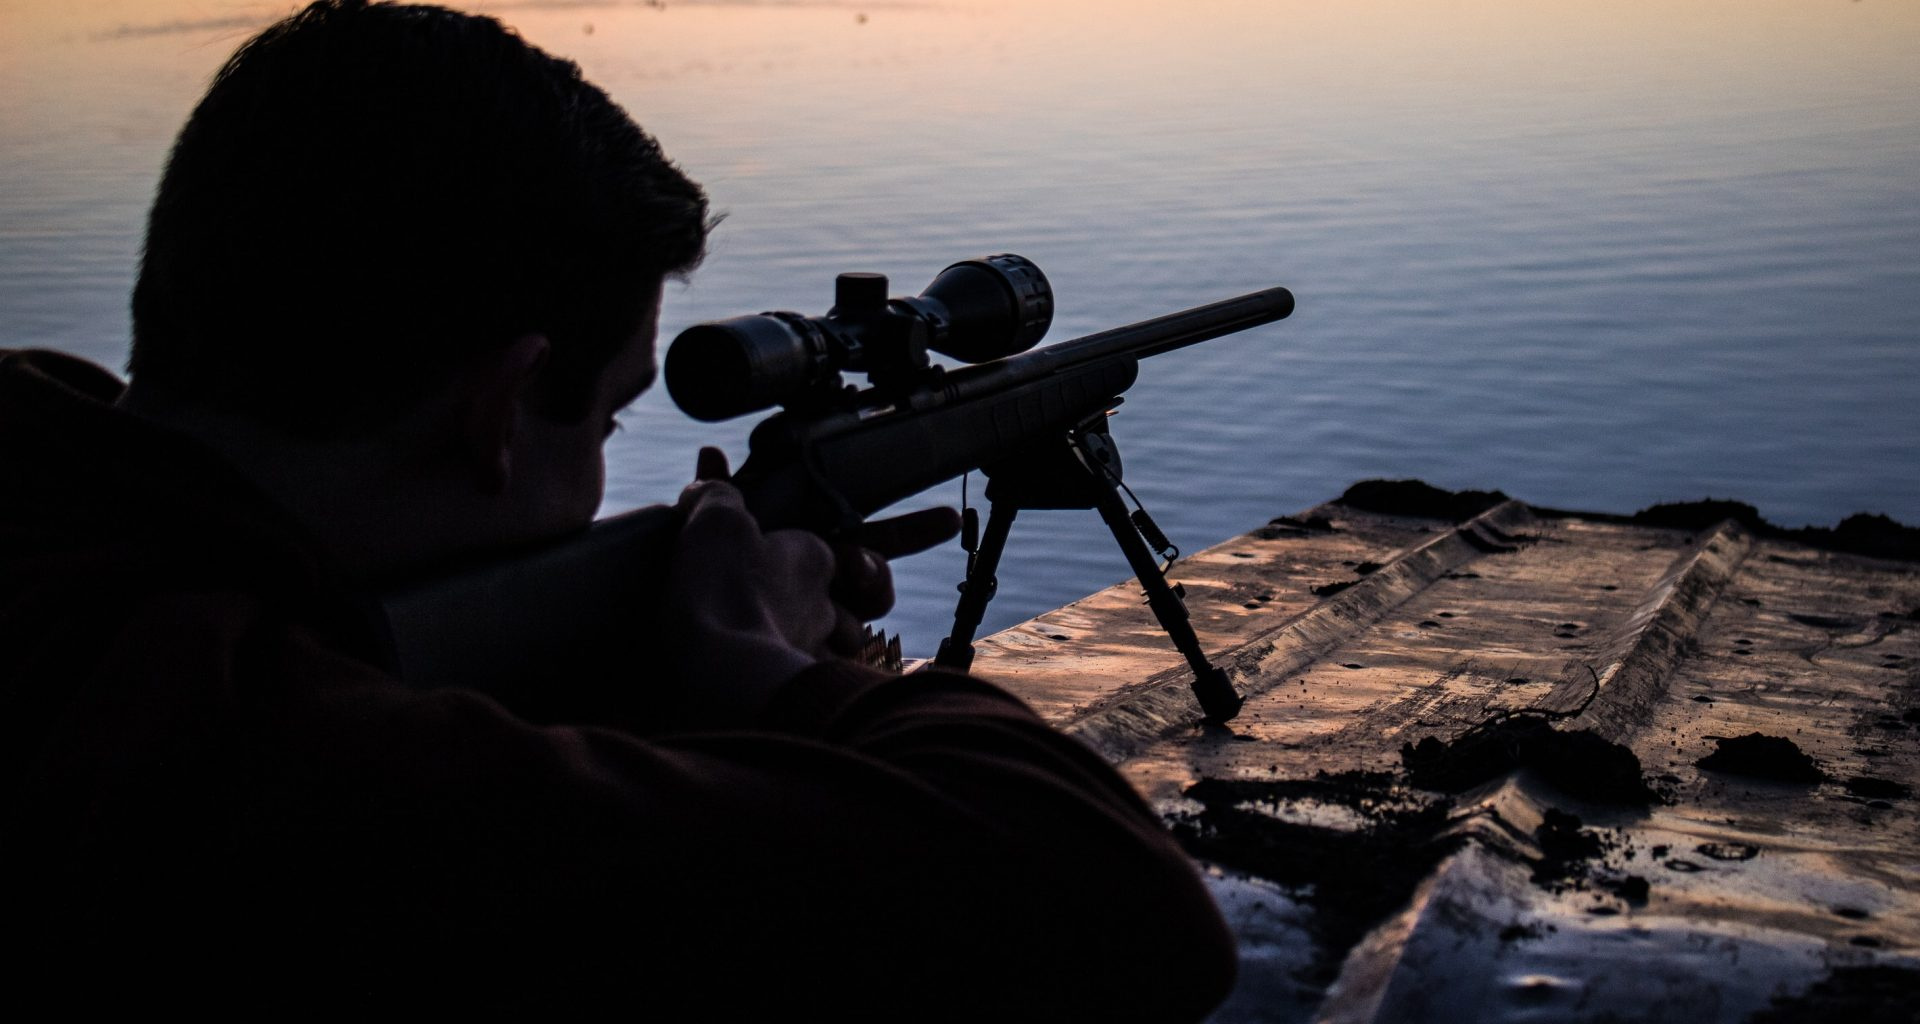 Killing shot made at distance of 2,430 metres